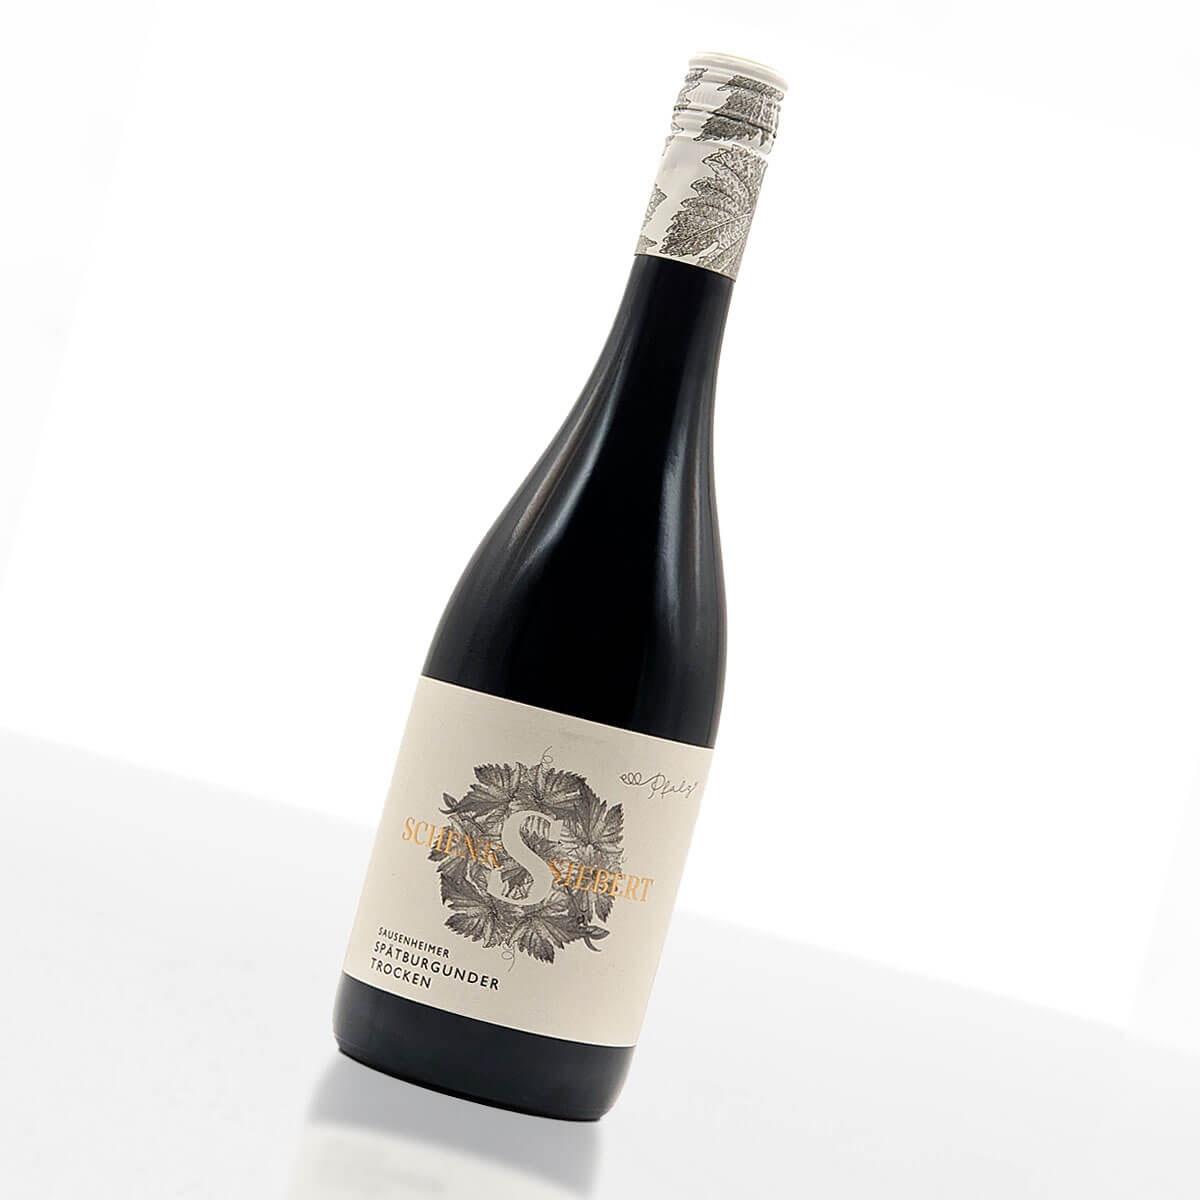 2017 Sausenheimer Spätburgunder trocken • Weingut Schenk-Siebert